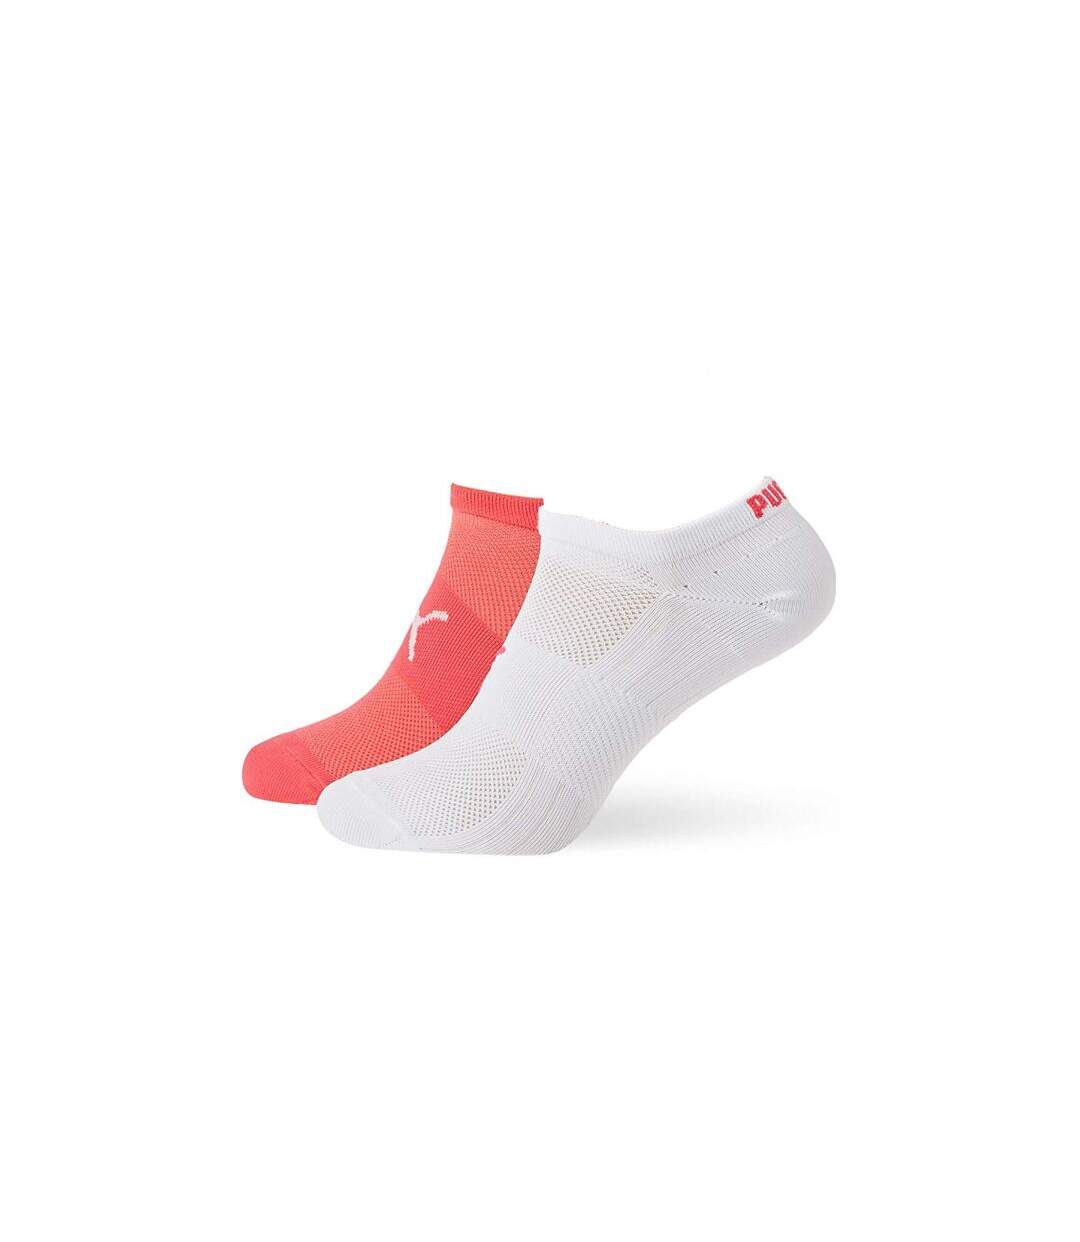 PUMA Lot de 2 paires de Socquettes Femme Microfibre TRAINLIGHT Rose Blanc PERFORMANCE